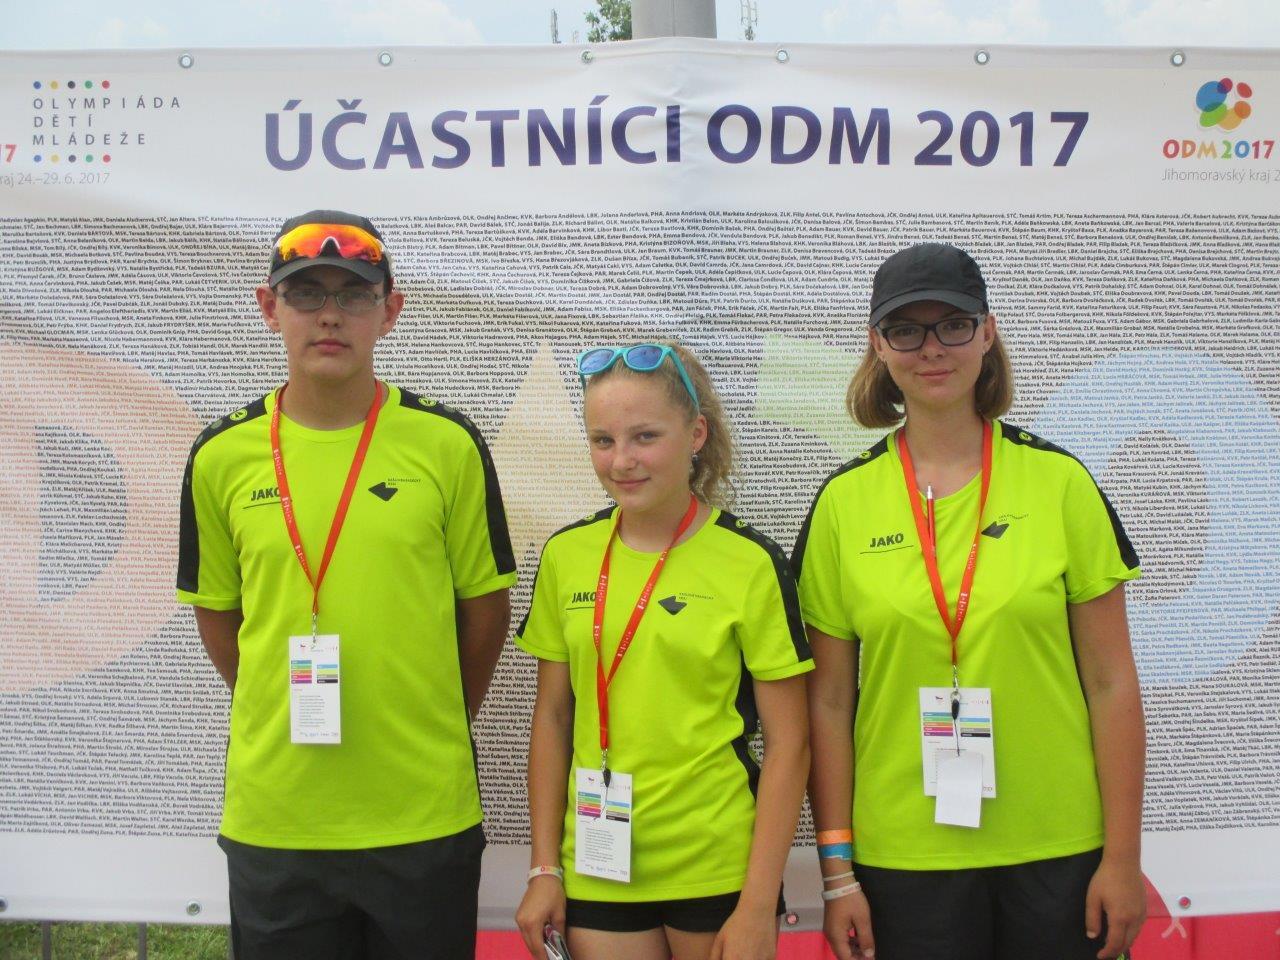 Náchodský rychlobruslař Jan Homolka má bronz z olympiády dětí a mládeže